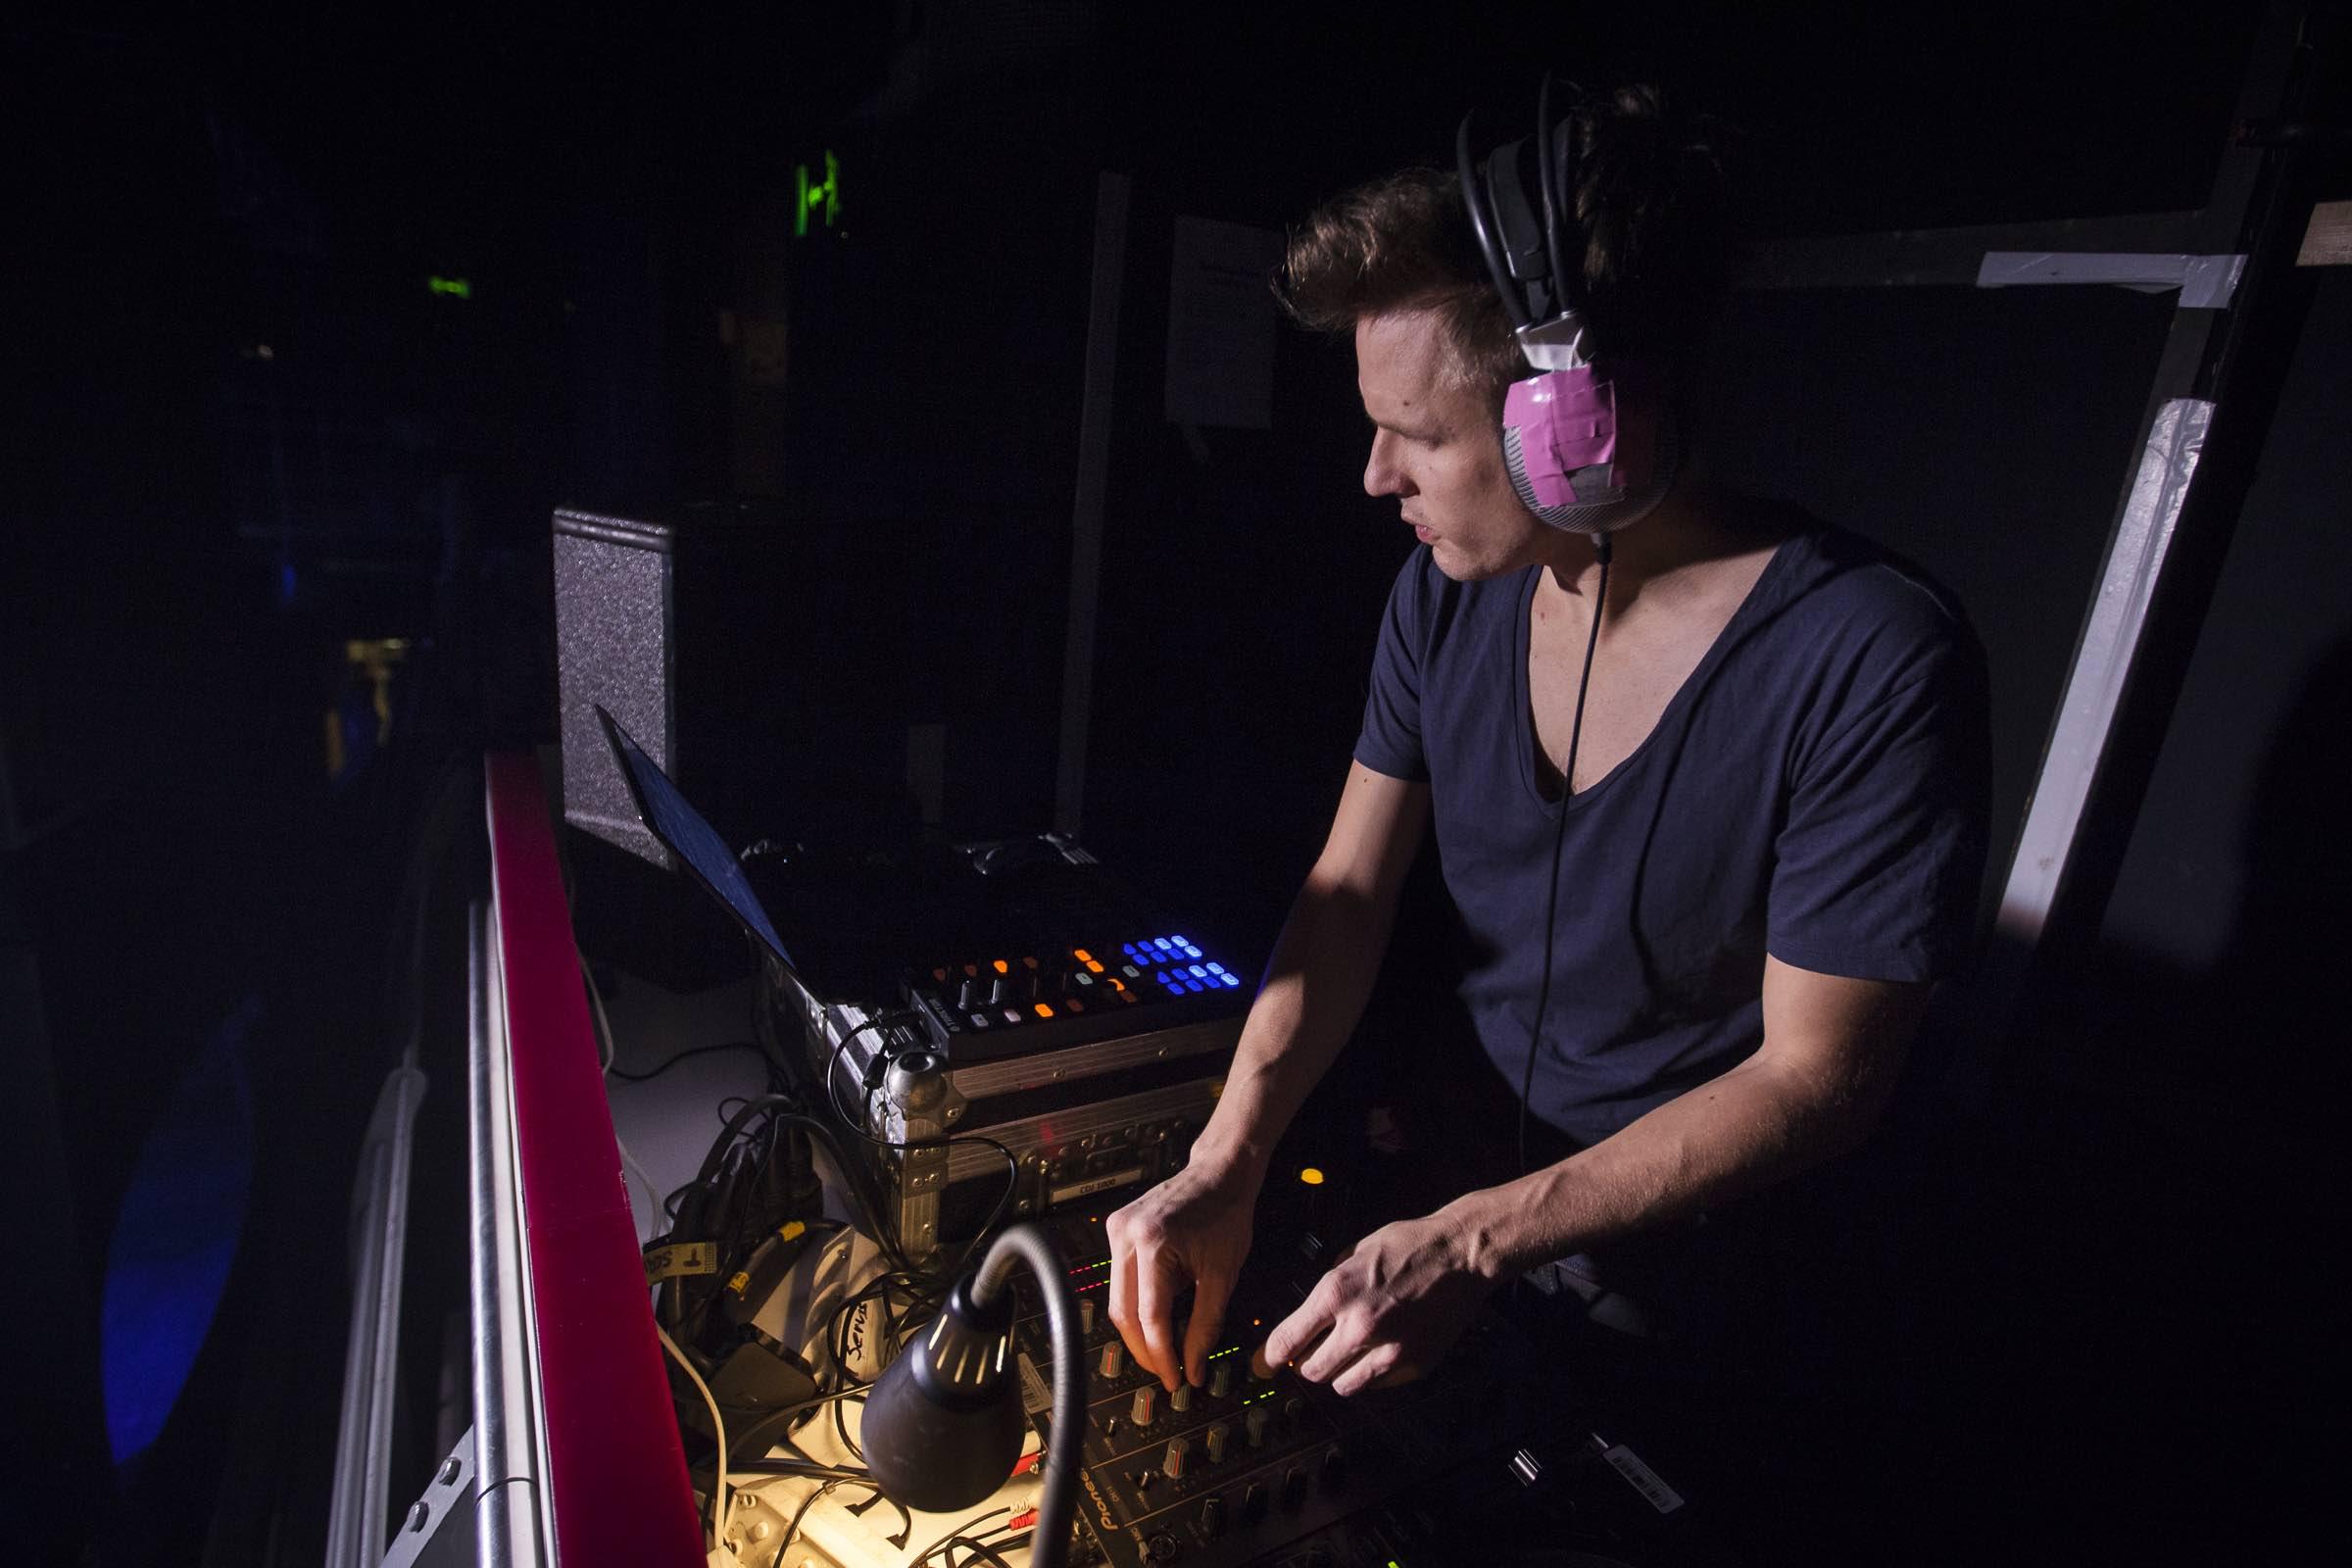 DJ Arfa